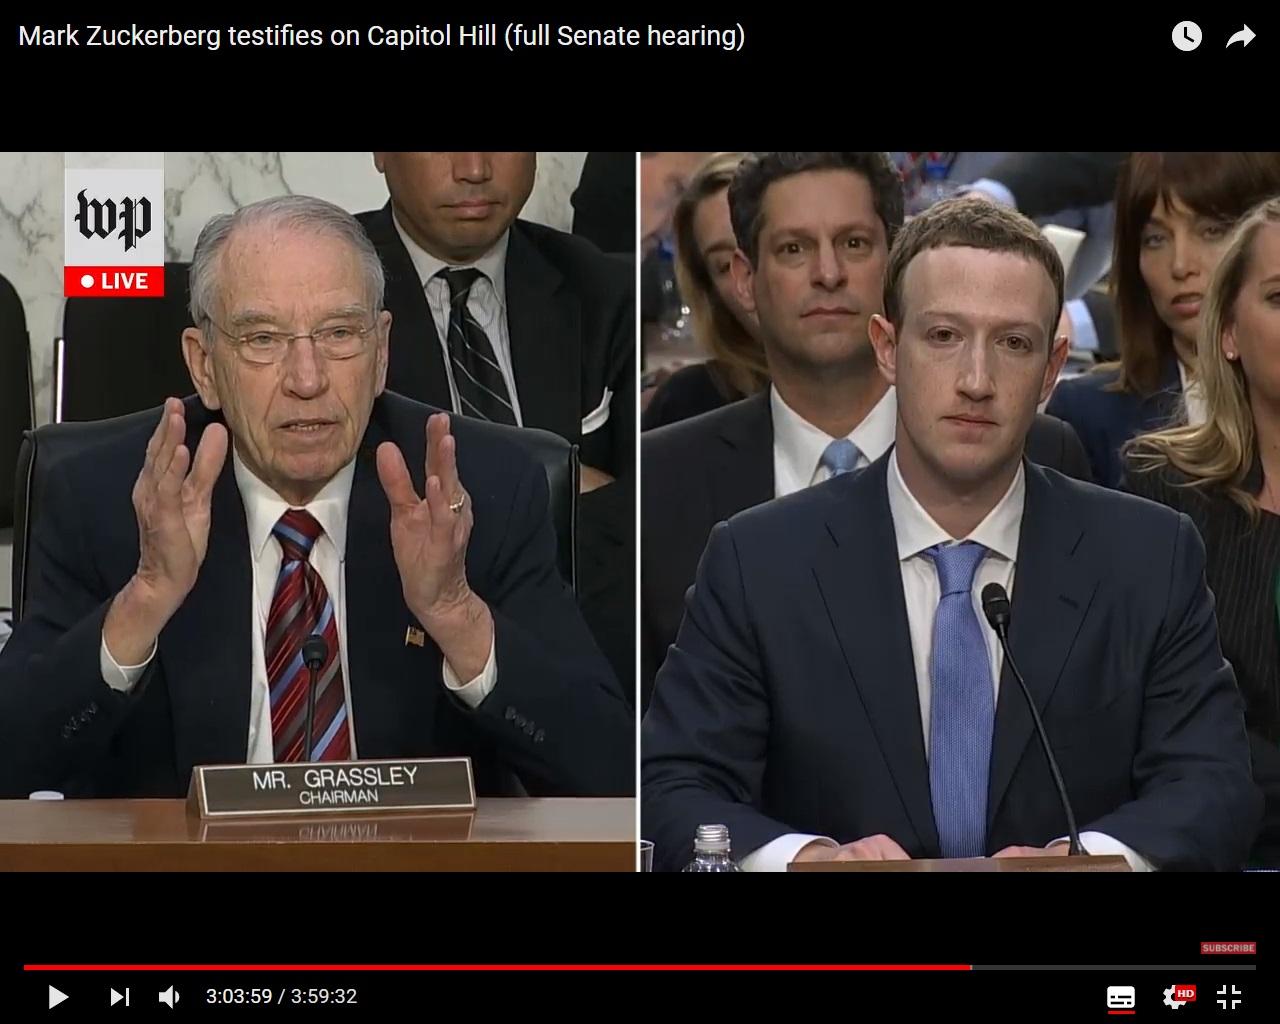 Обвиняется Facebook. Как Марка Цукерберга допрашивали в Конгрессе об алгоритмах соцсети